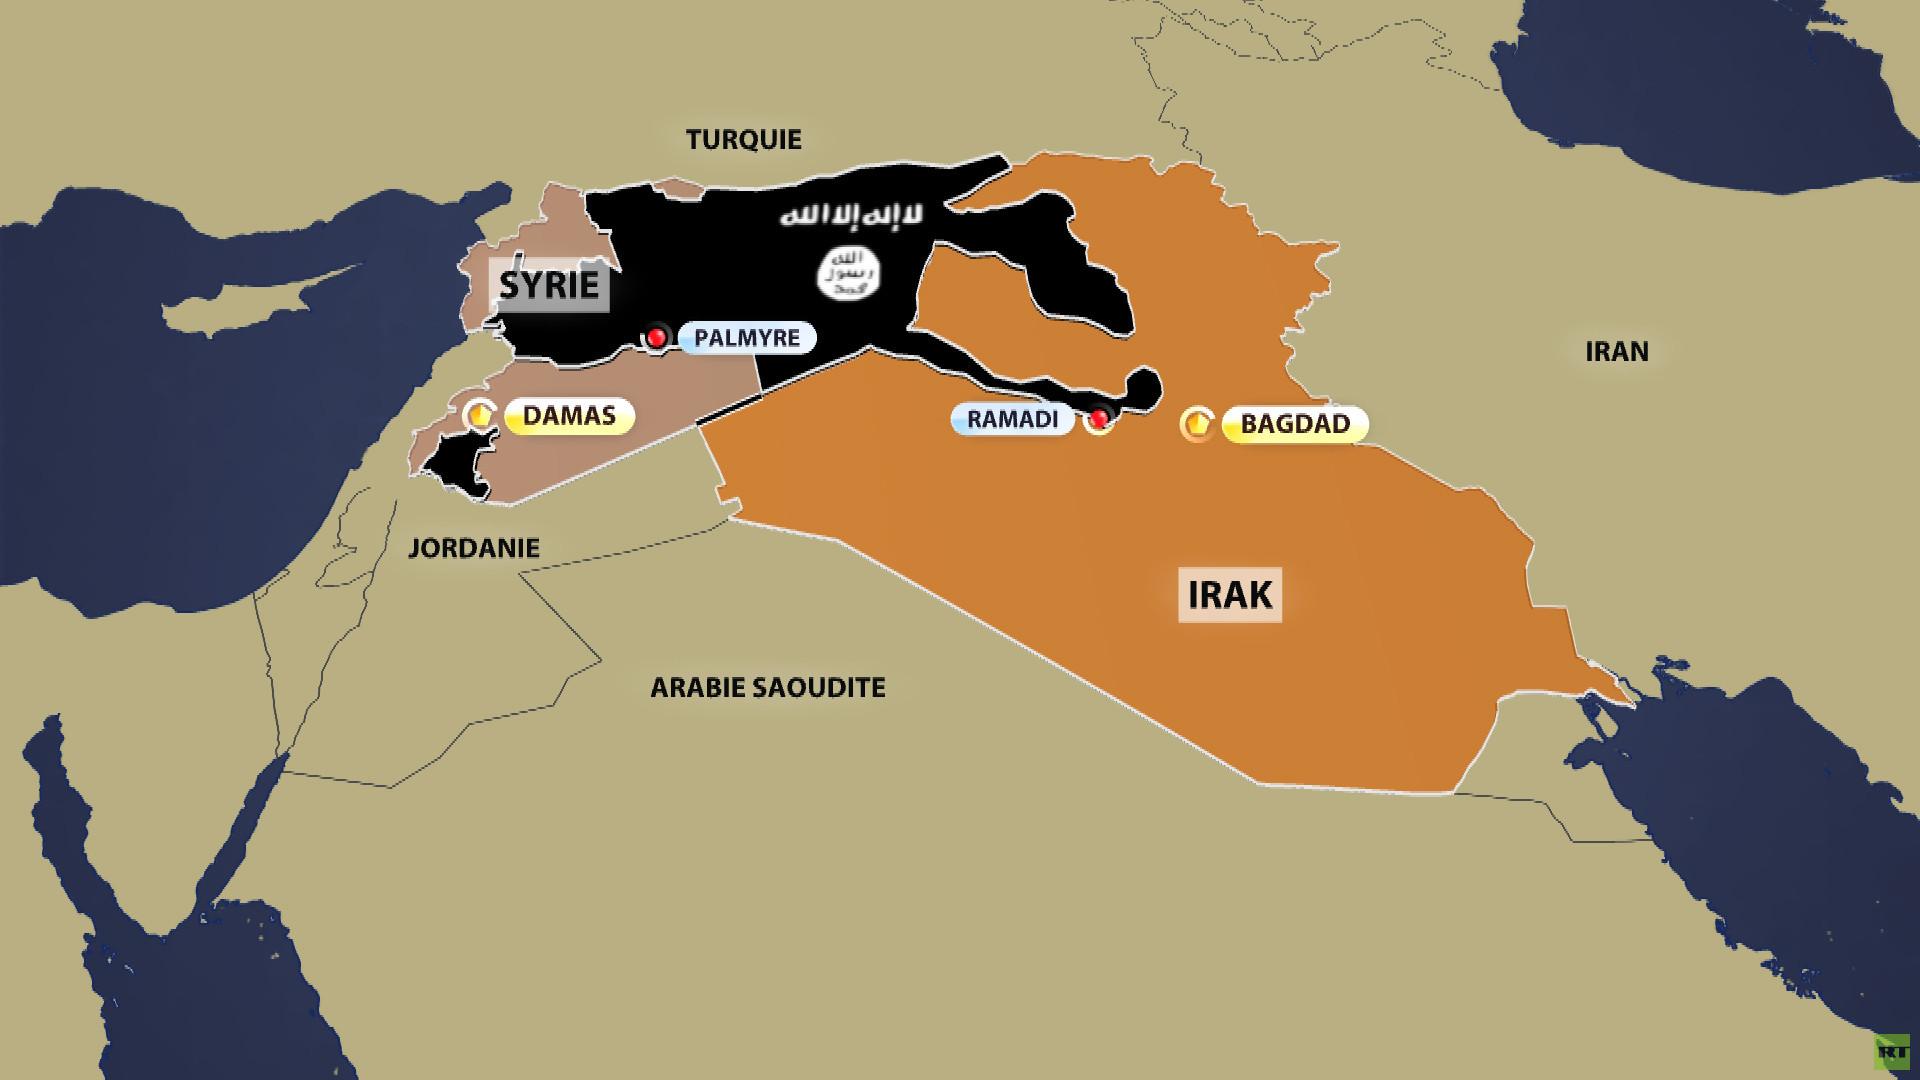 L'expansion de l'Etat islamique